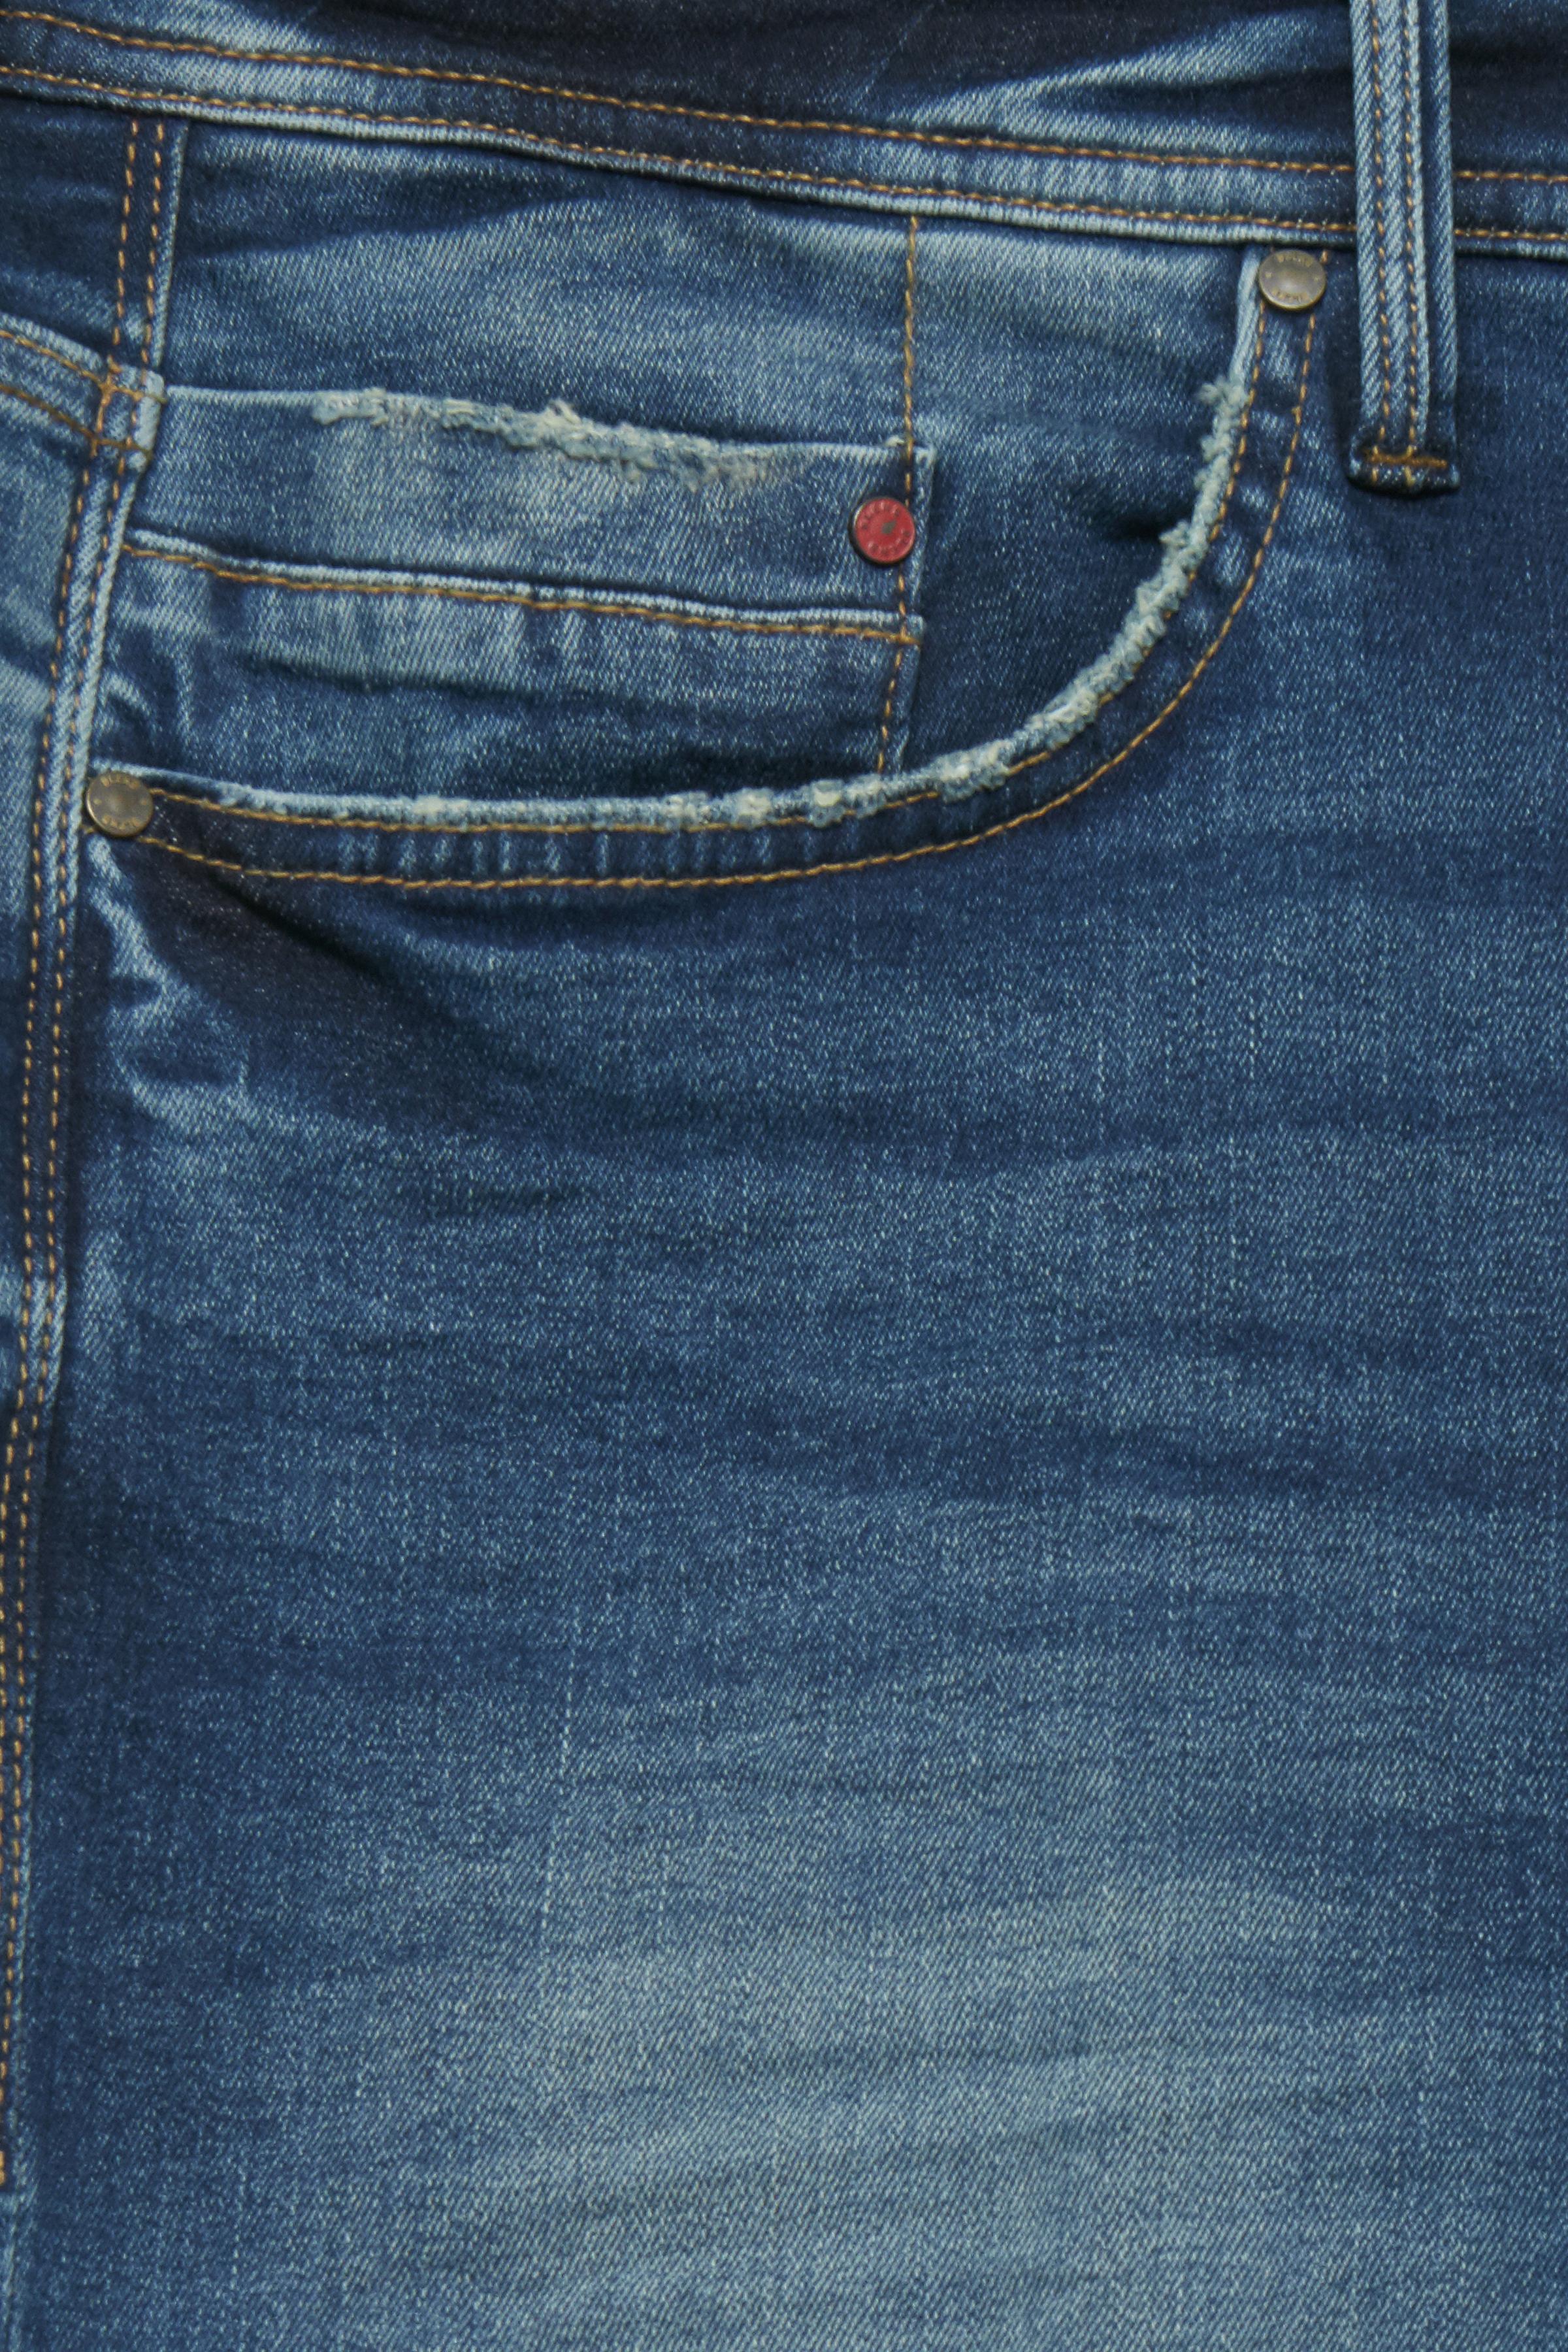 Denimblå Jeans fra Blend He – Køb Denimblå Jeans fra str. 28-40 her